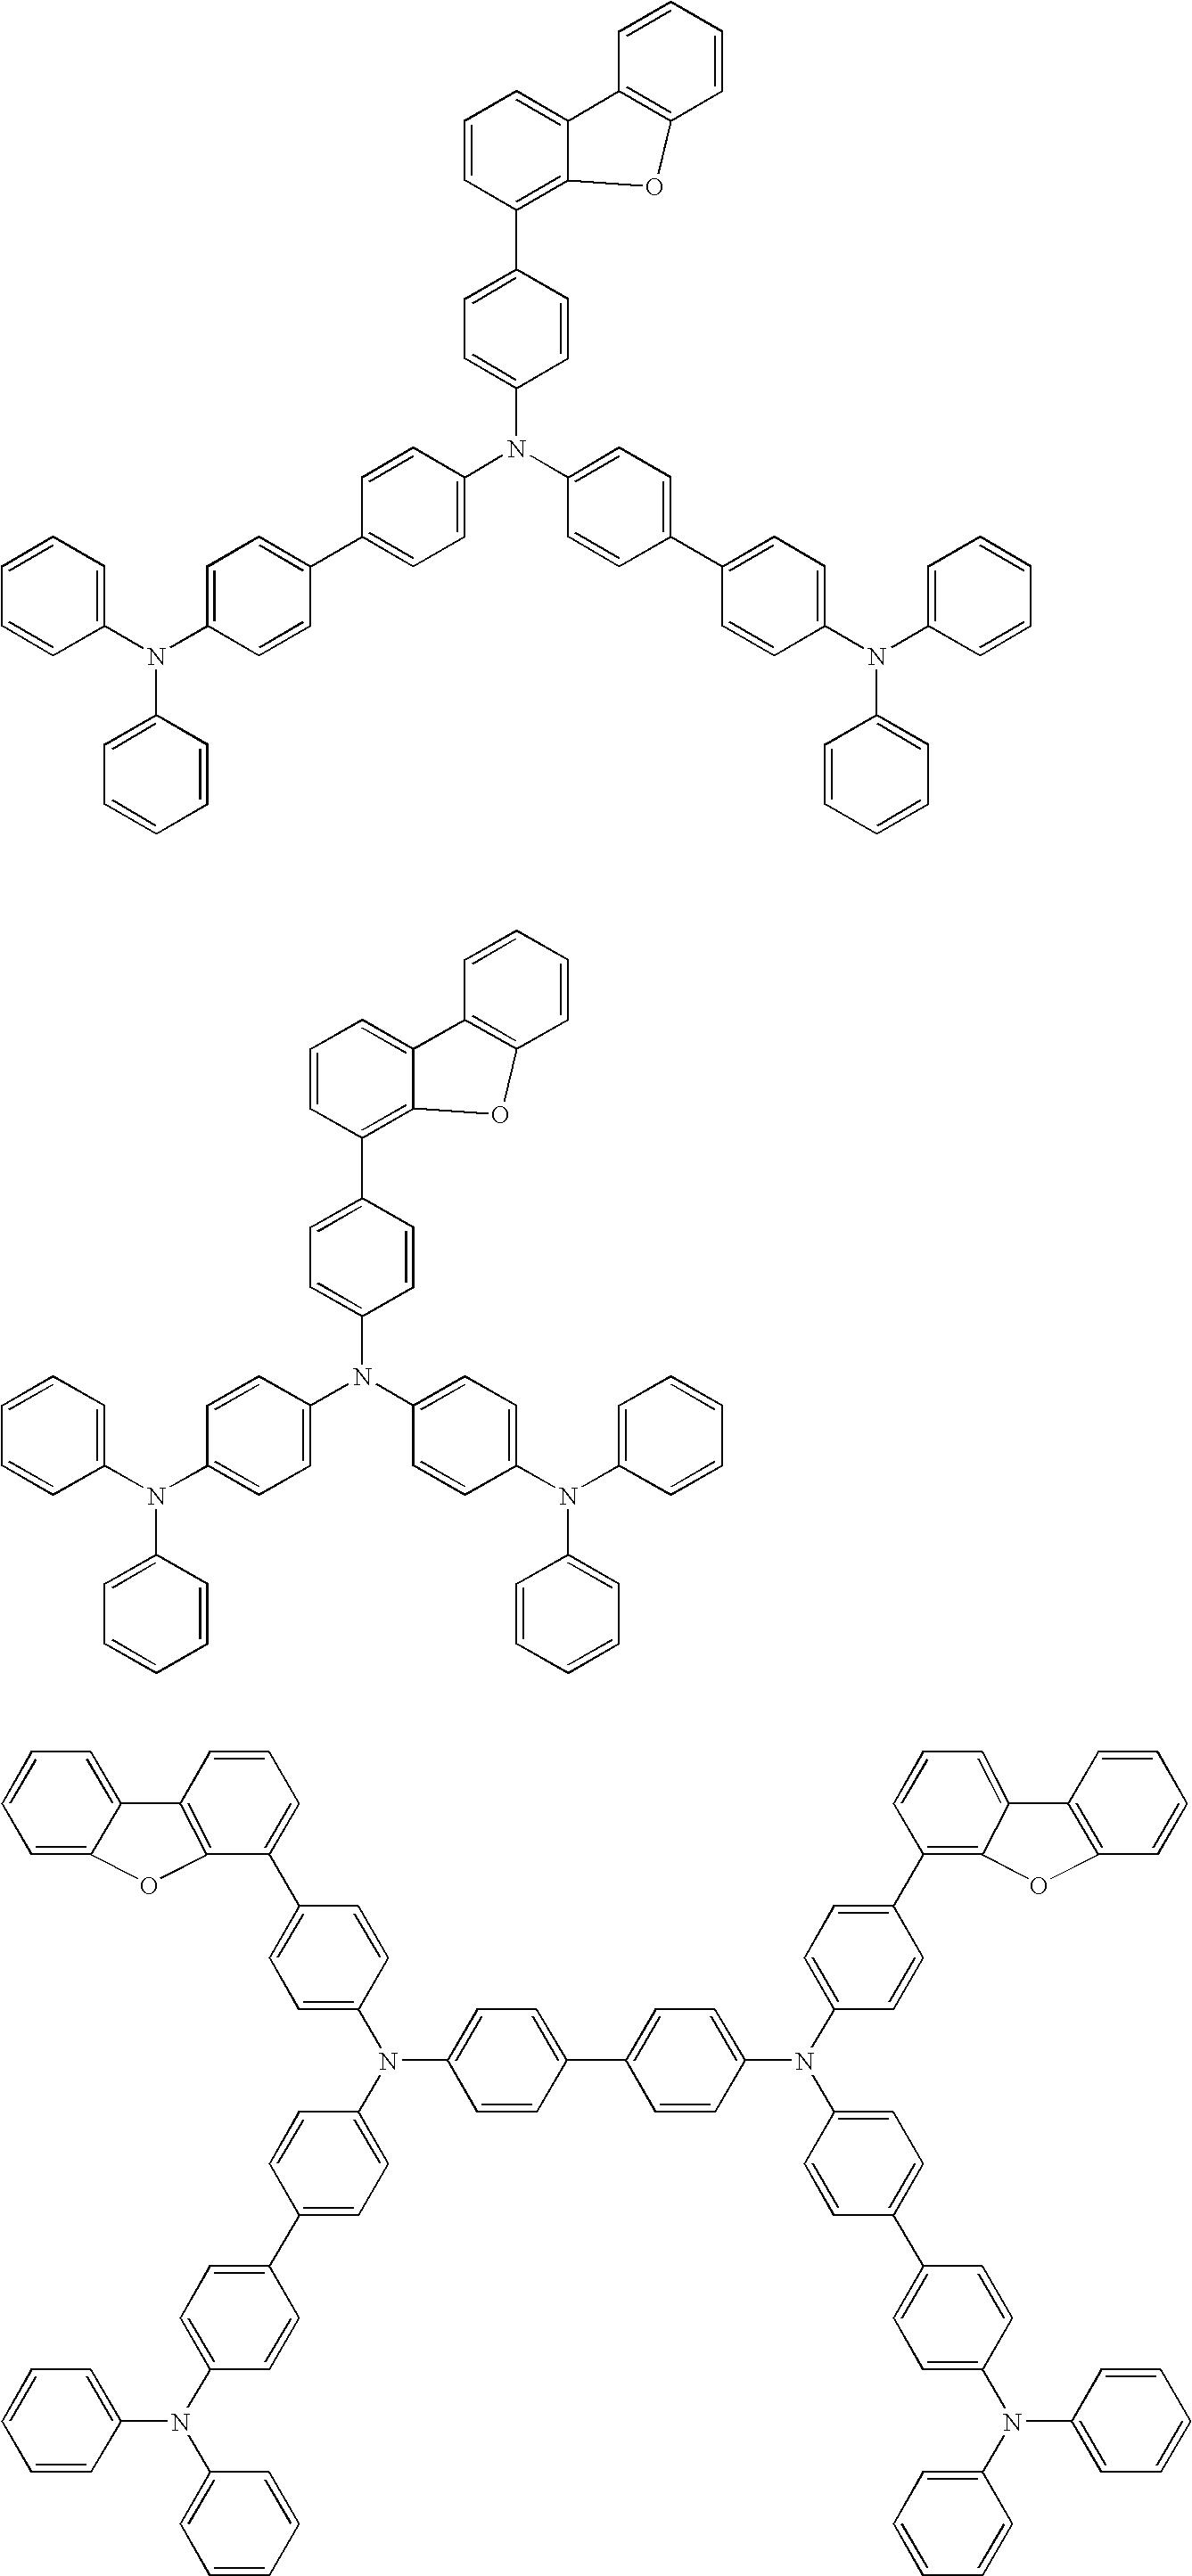 Figure US20070278938A1-20071206-C00015